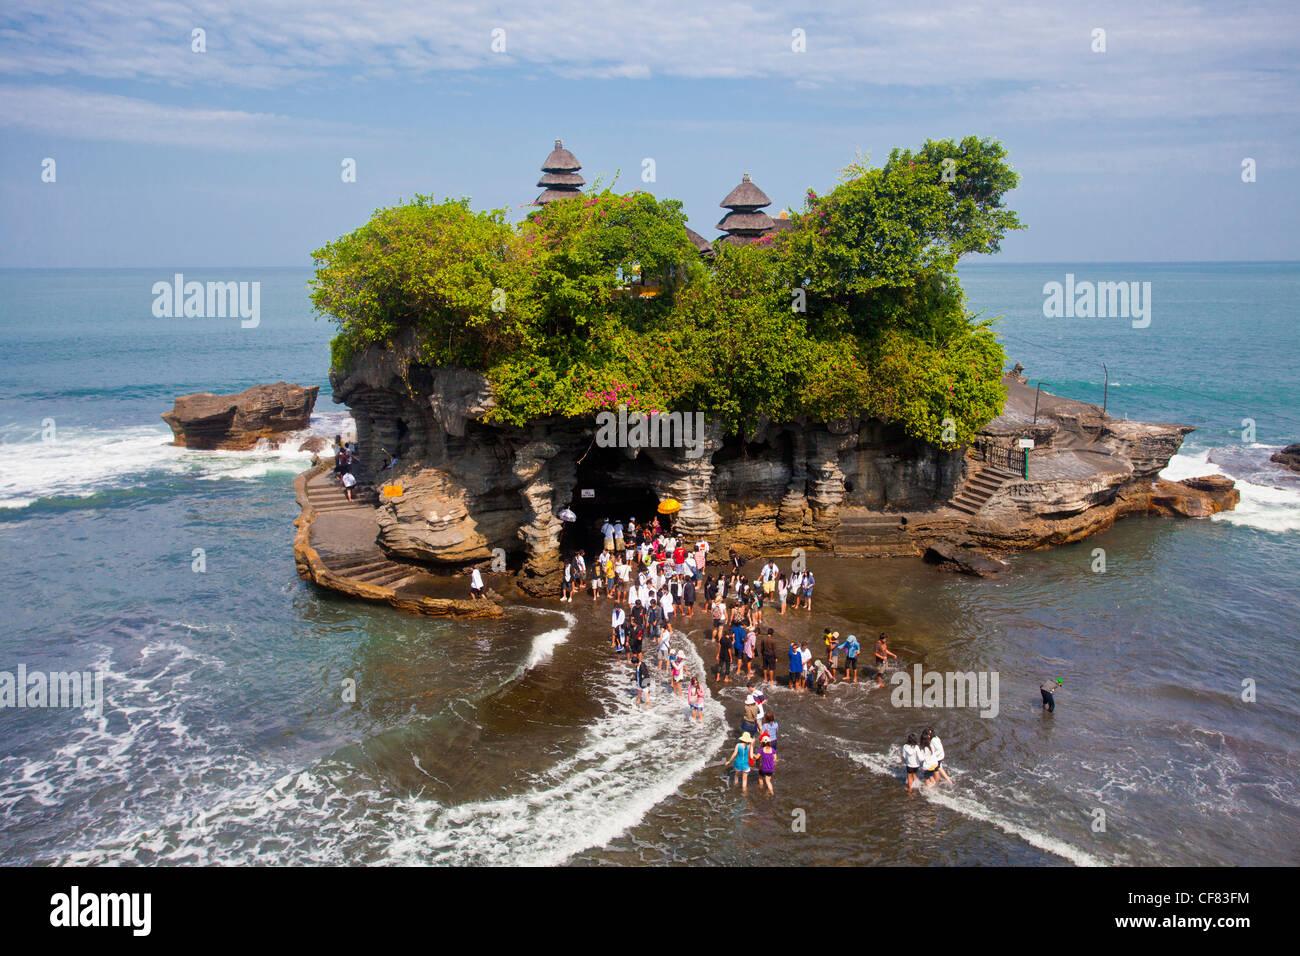 Indonesia Asia Bali Island Tanah Lot Sea Temple Tourism Stock